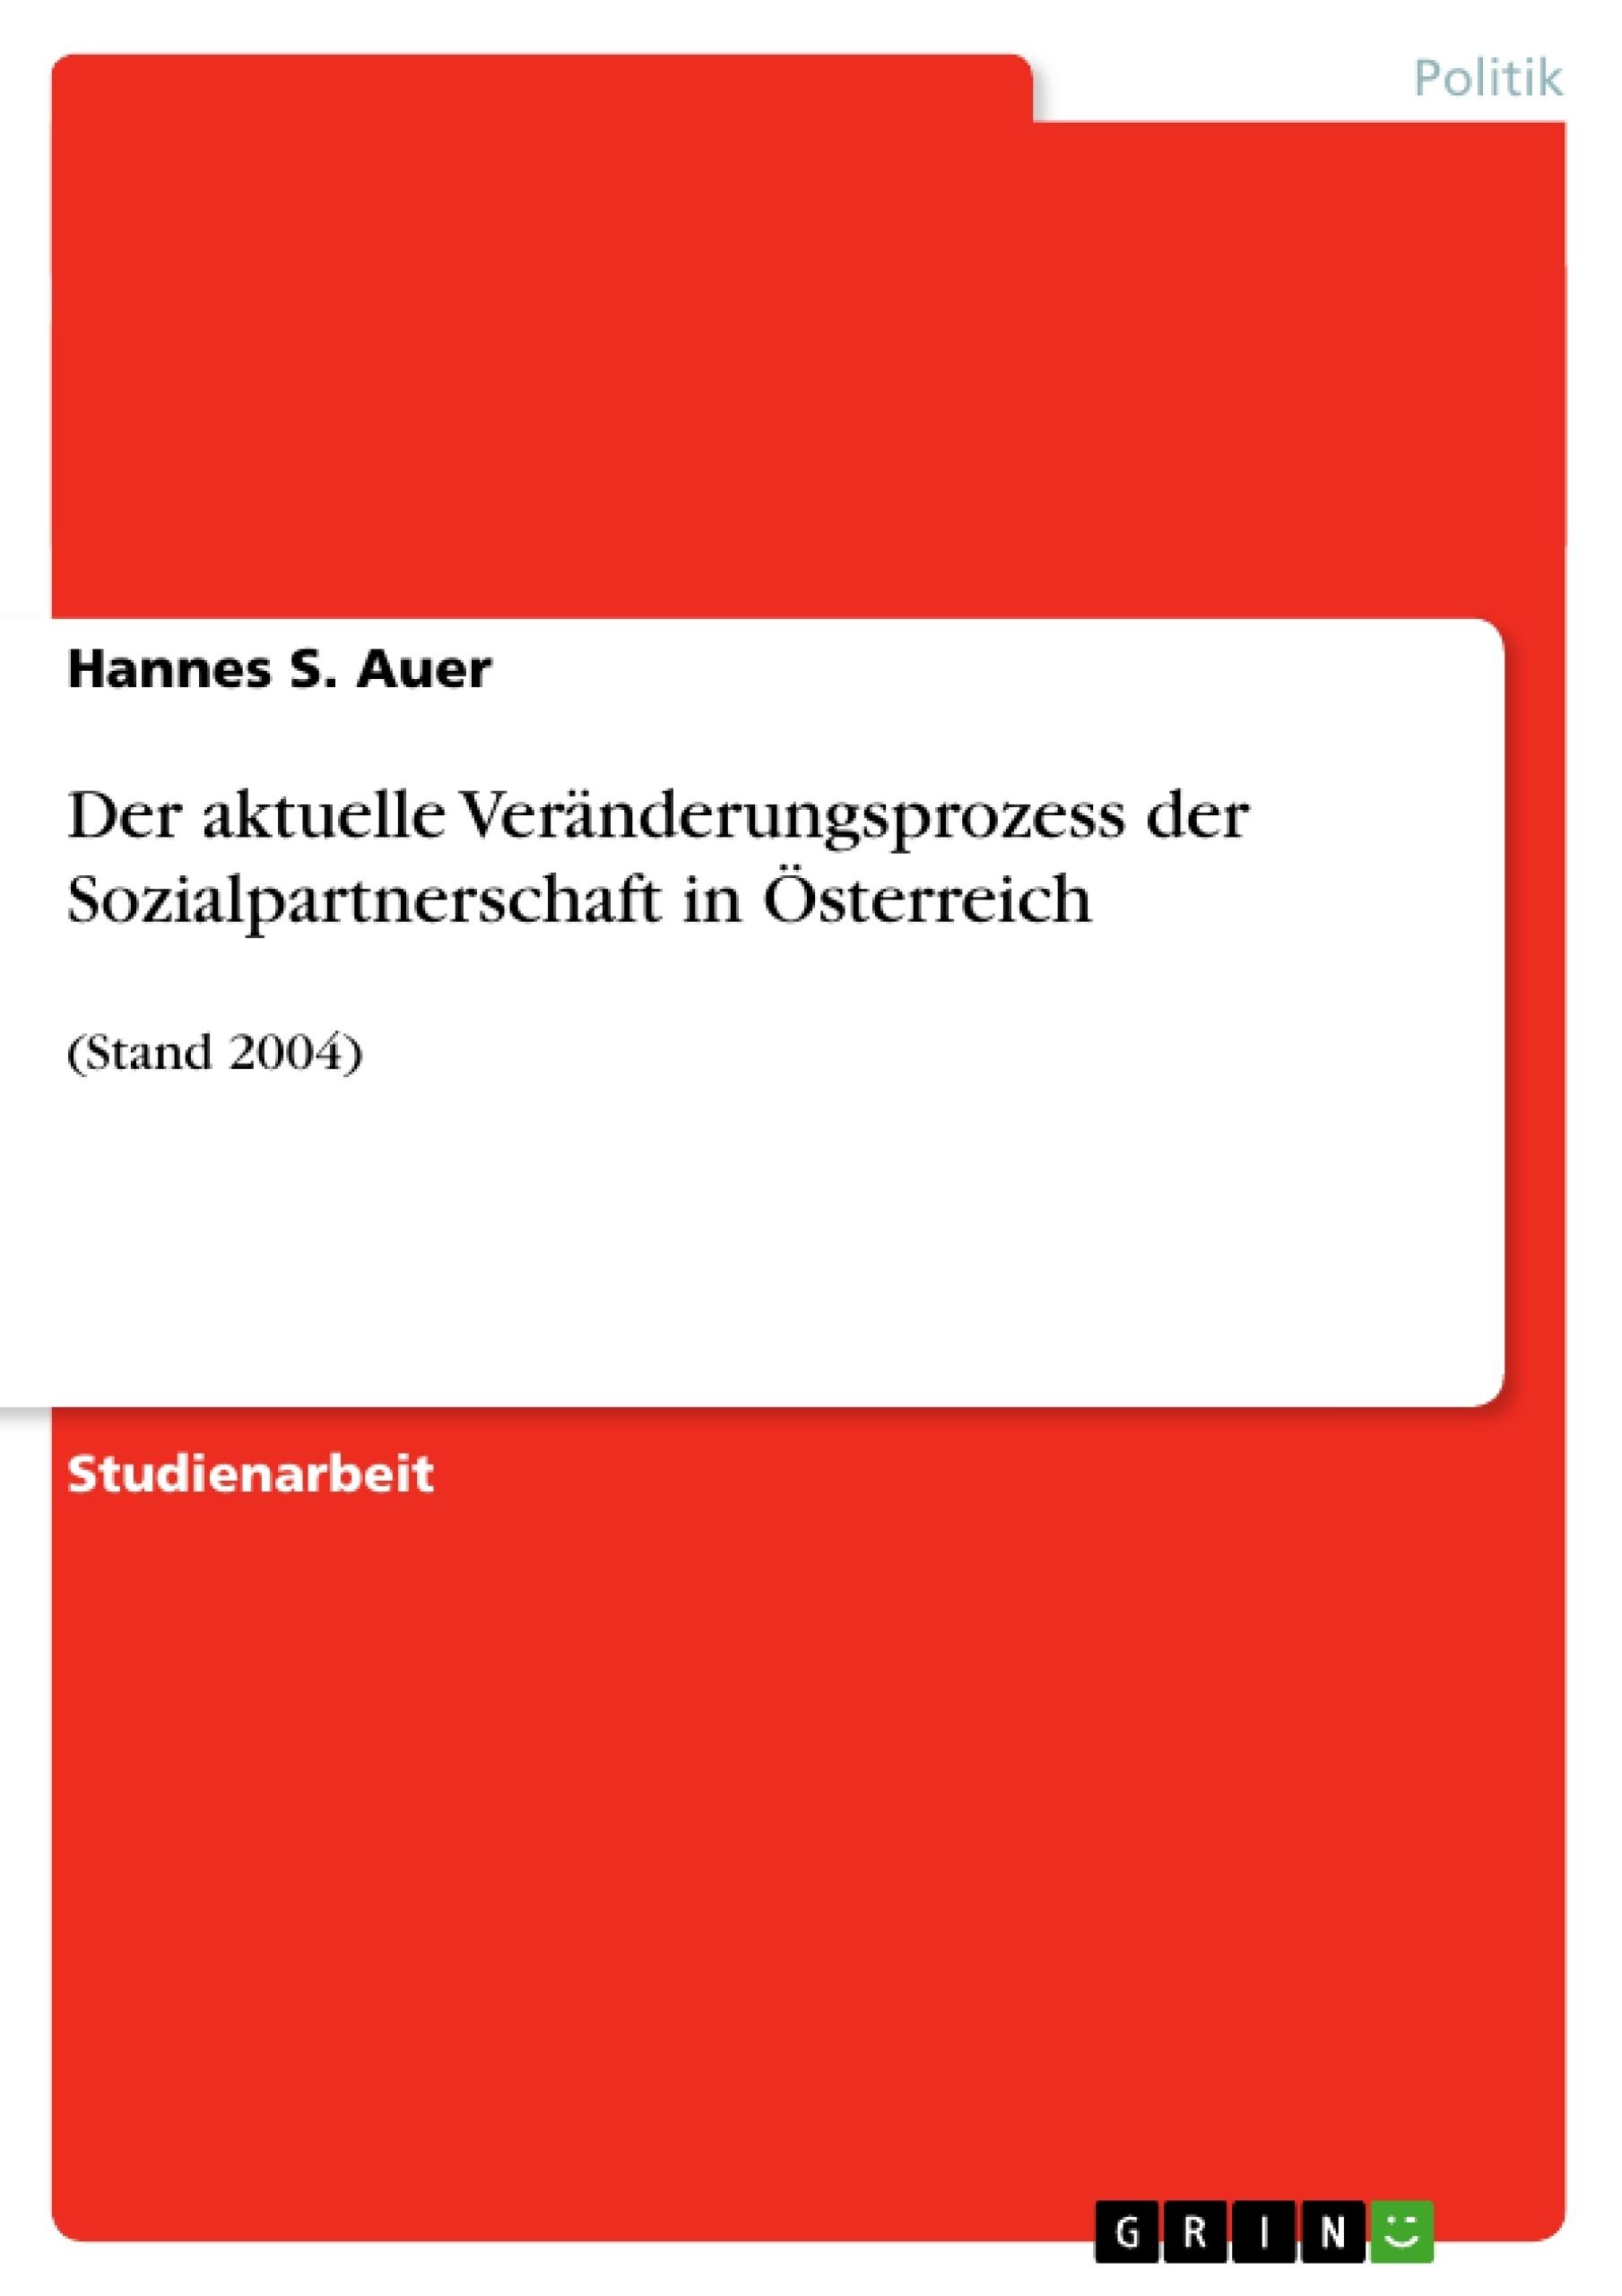 Titel: Der aktuelle Veränderungsprozess der Sozialpartnerschaft in Österreich